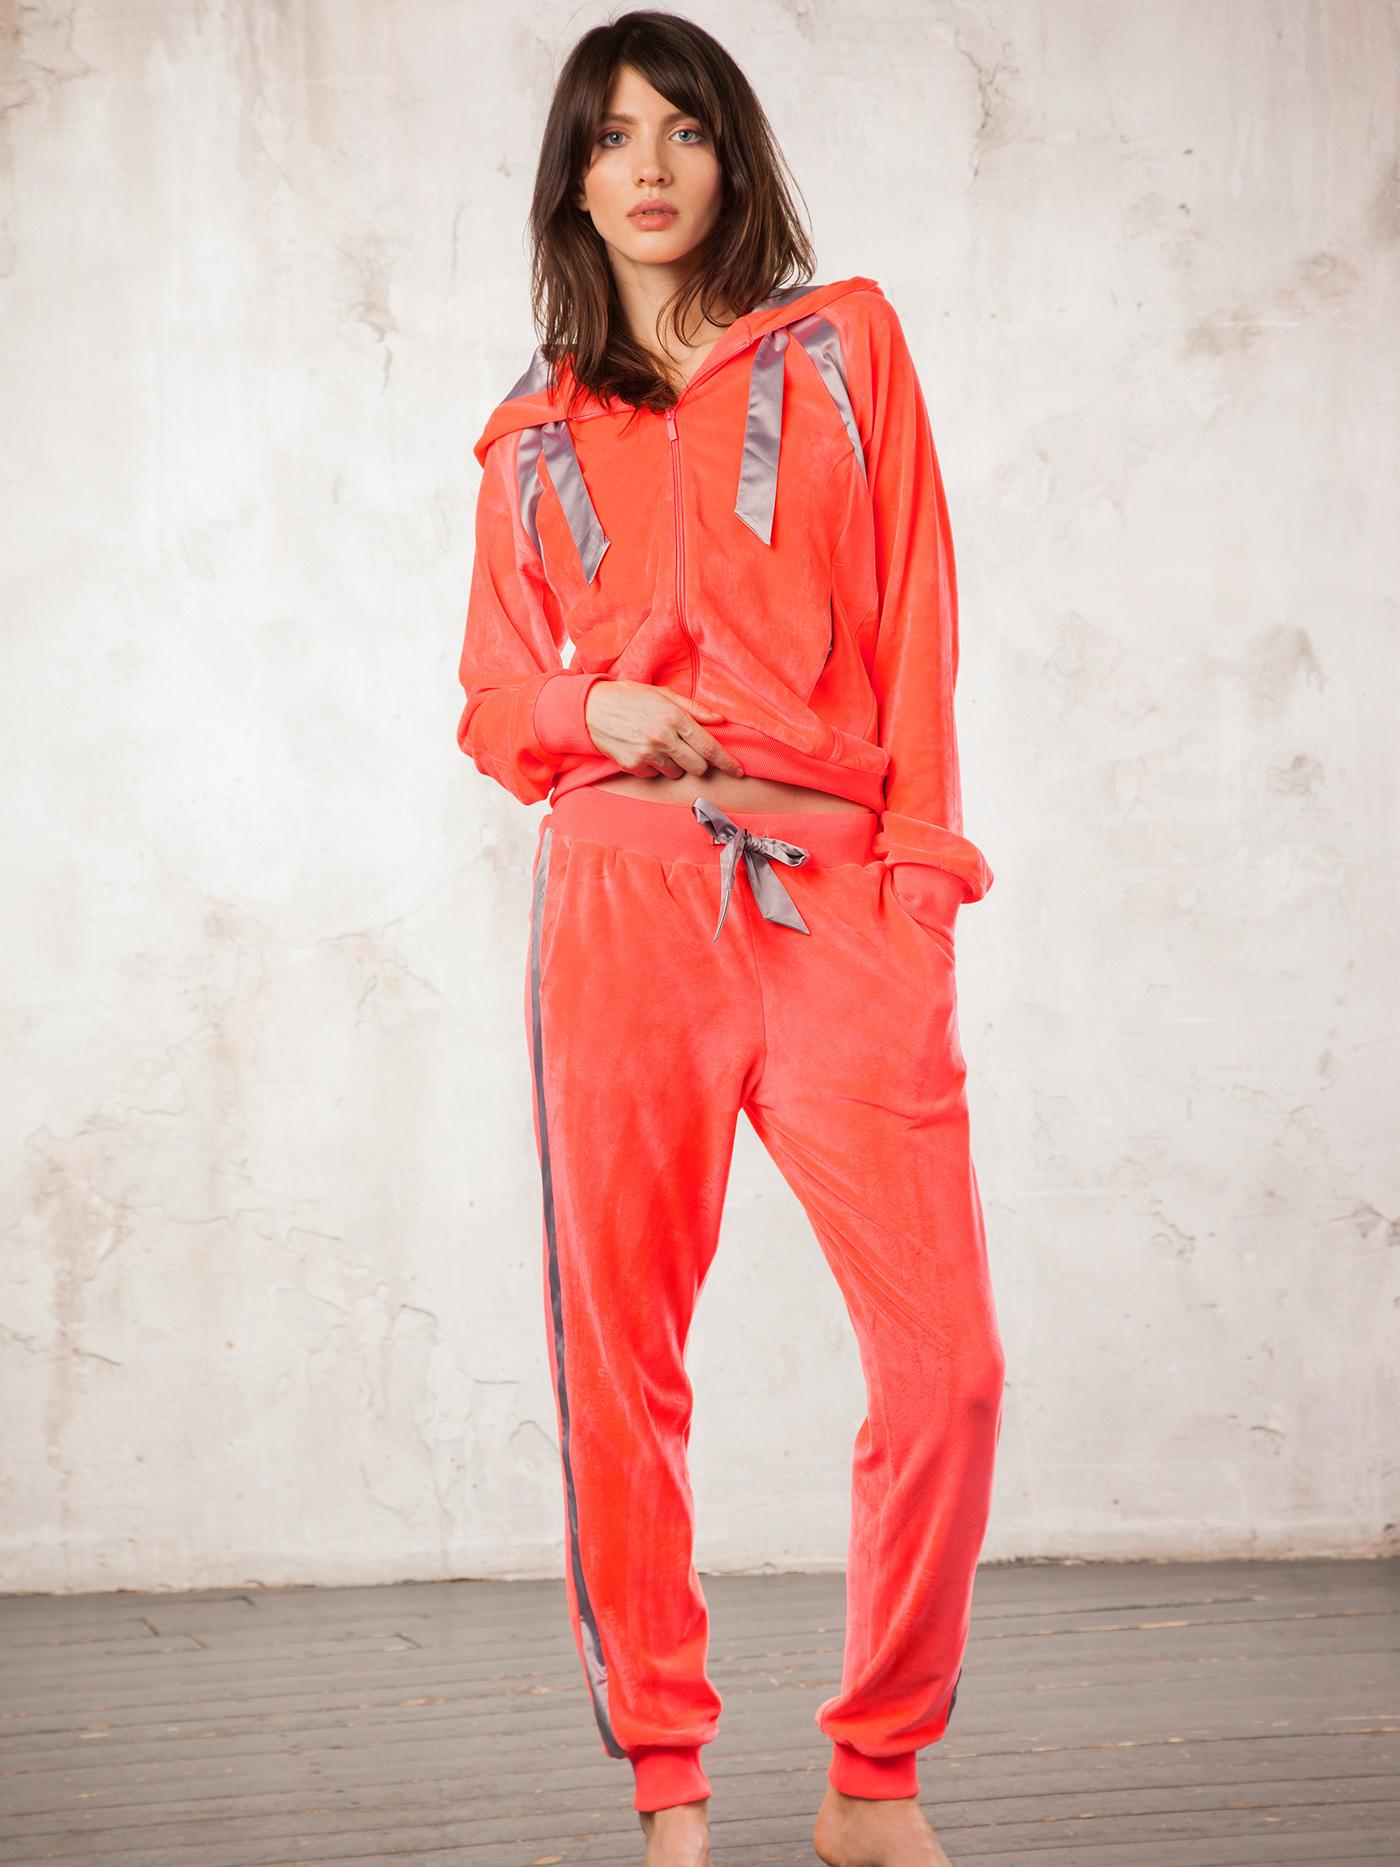 Брюки mysticite velvetБюстье<br>брюки<br><br>Цвет: Красный<br>Декор: Тесьма декоративная<br>Стилистика: Без стилистики<br>Направление: Бюстье<br>Пол: Женский<br>Материал: 92%ПЭ;8%ЭЛ<br>Размер: 1